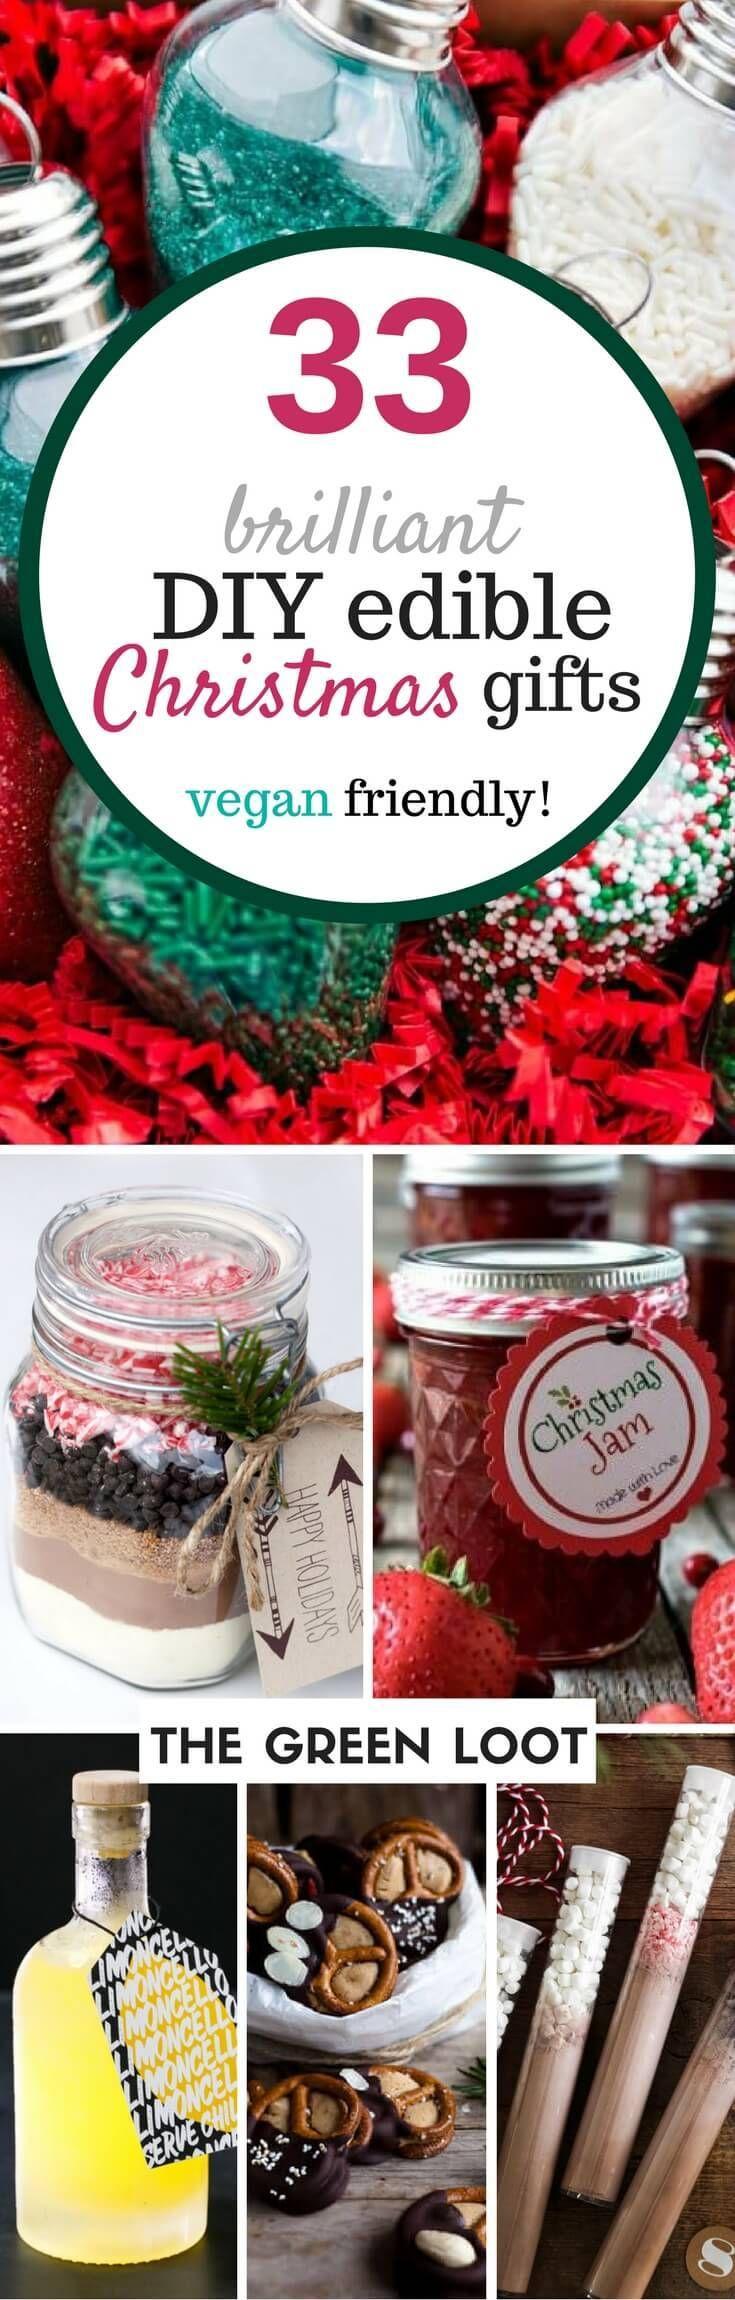 37 Diy Vegan Christmas Gift Ideas Edible Edible Christmas Gifts Vegan Christmas Gifts Christmas Food Gift Baskets